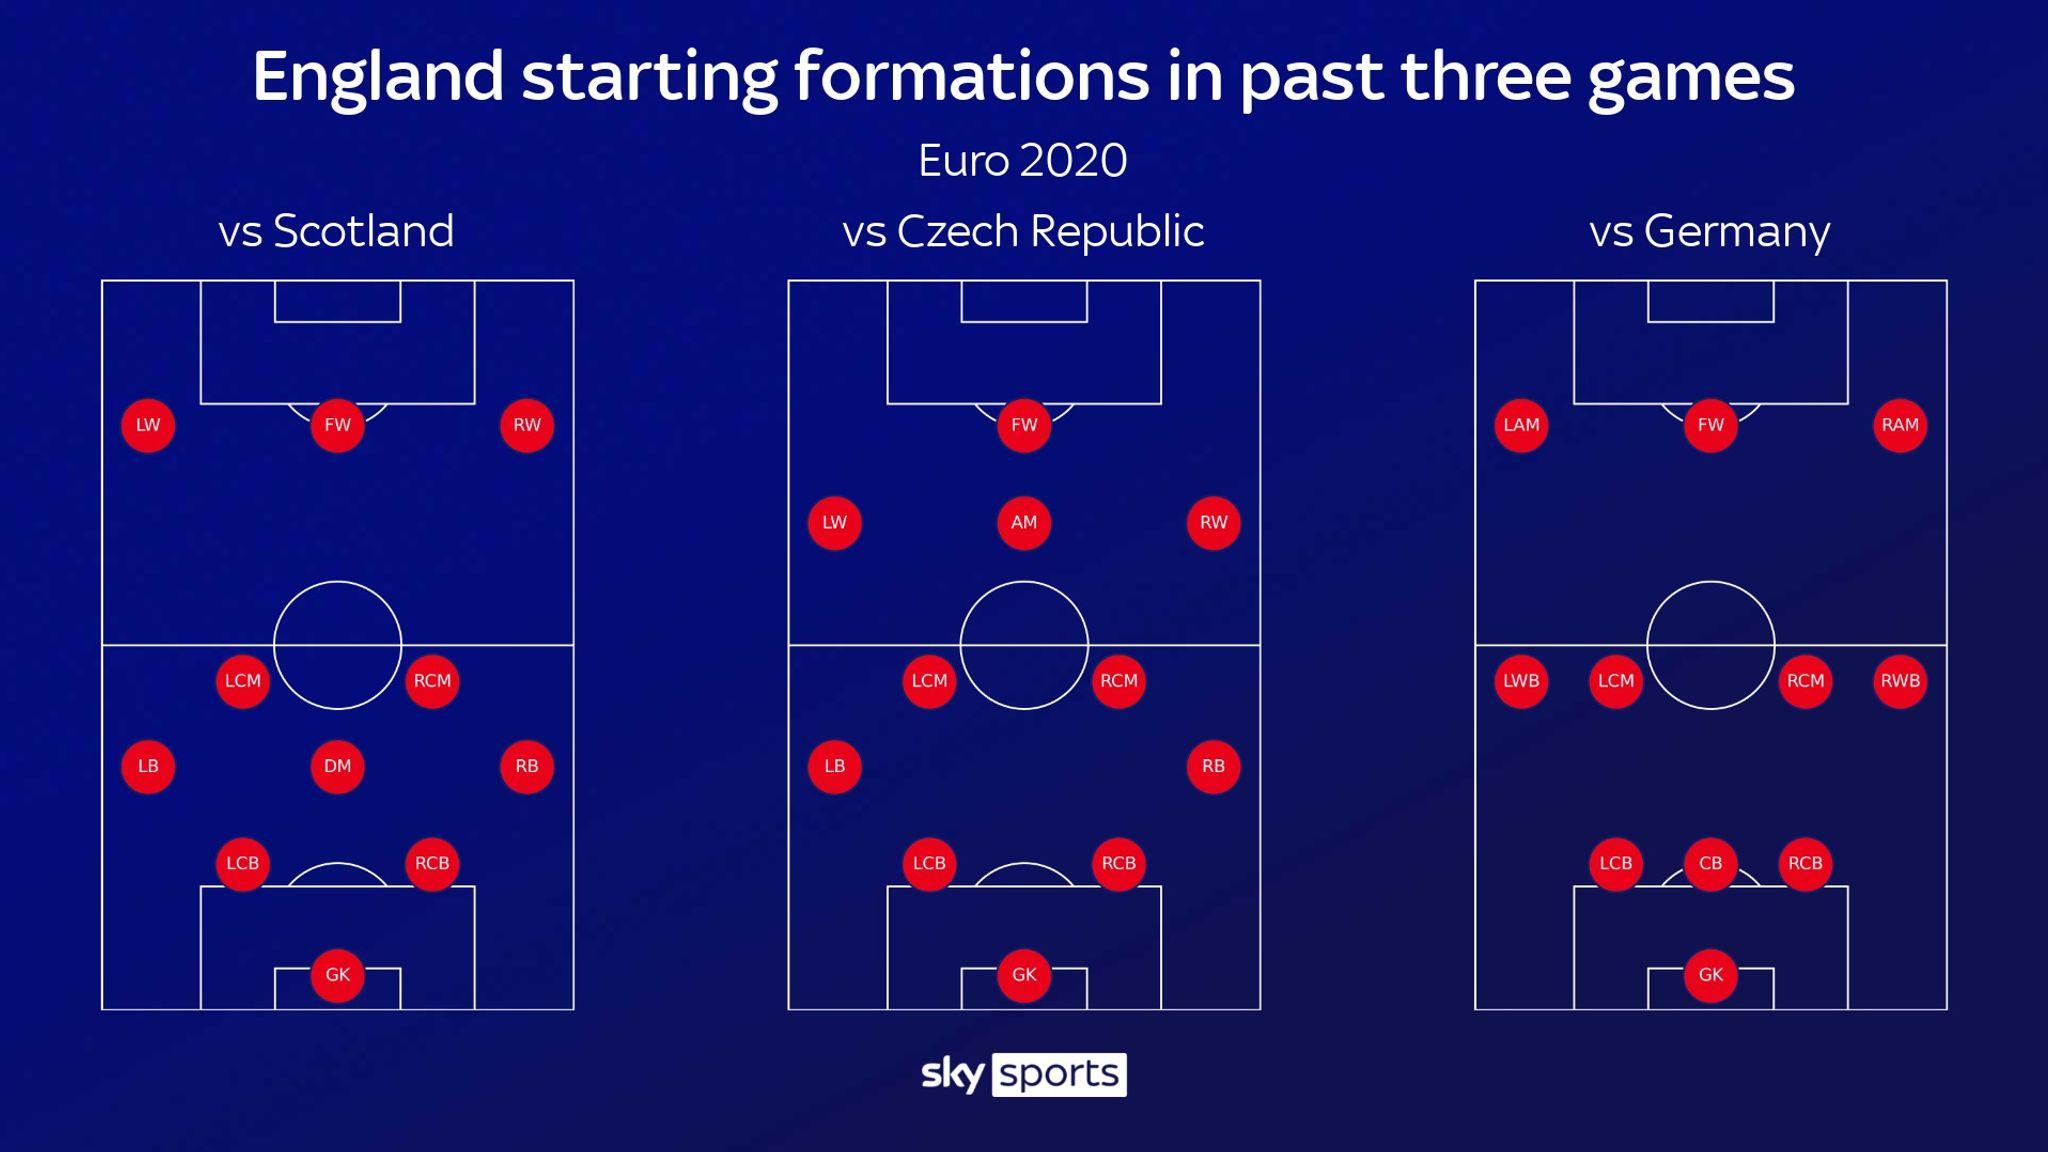 Diagram tim Inggris digunakan dalam tiga pertandingan terakhir, masing-masing melawan Skotlandia, Republik Ceko di babak penyisihan grup, kemudian Jerman di babak 1/8.